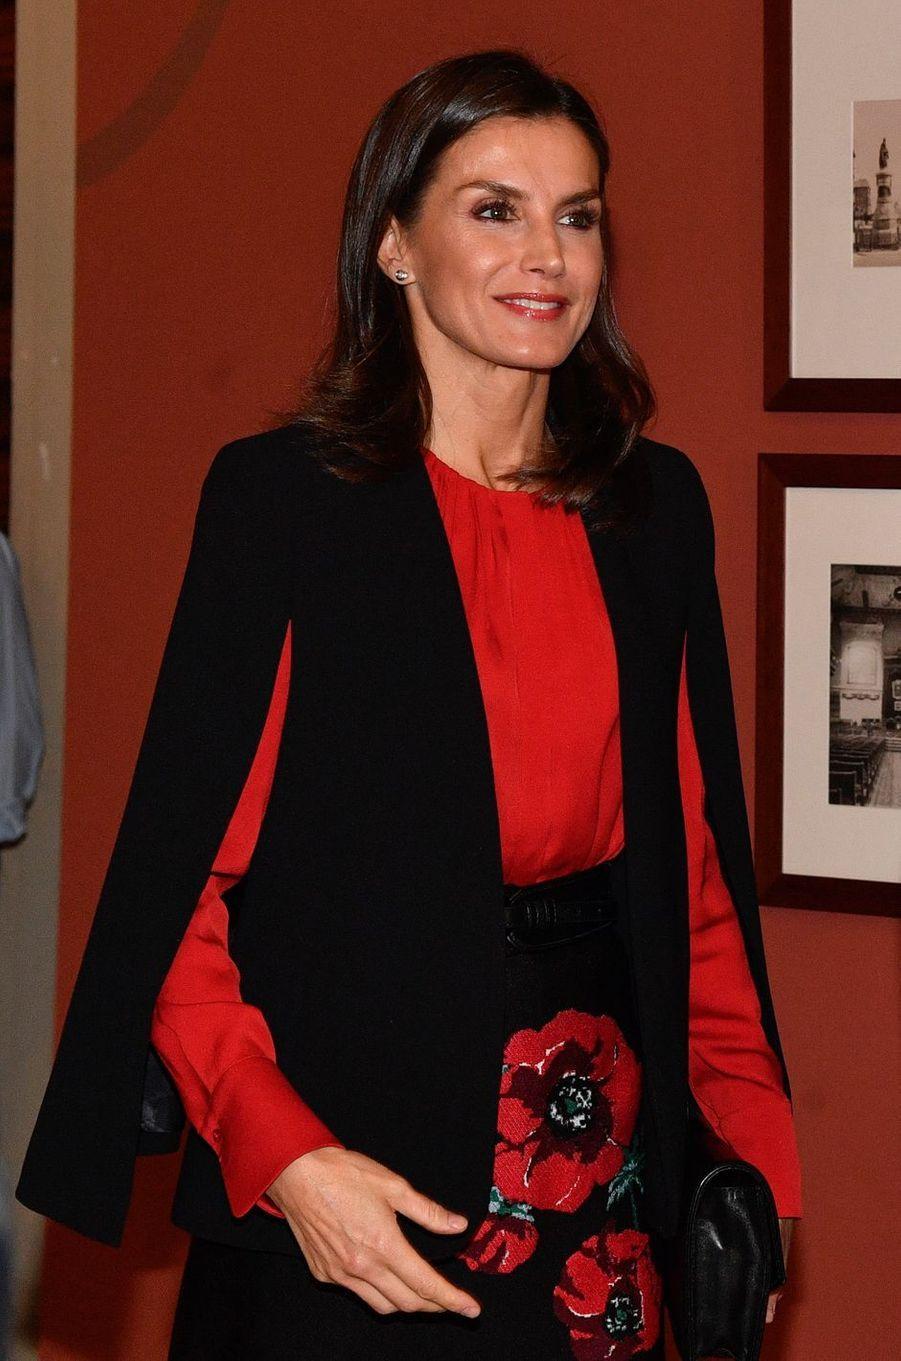 La reine Letizia d'Espagne à Séville, le 8 novembre 2019